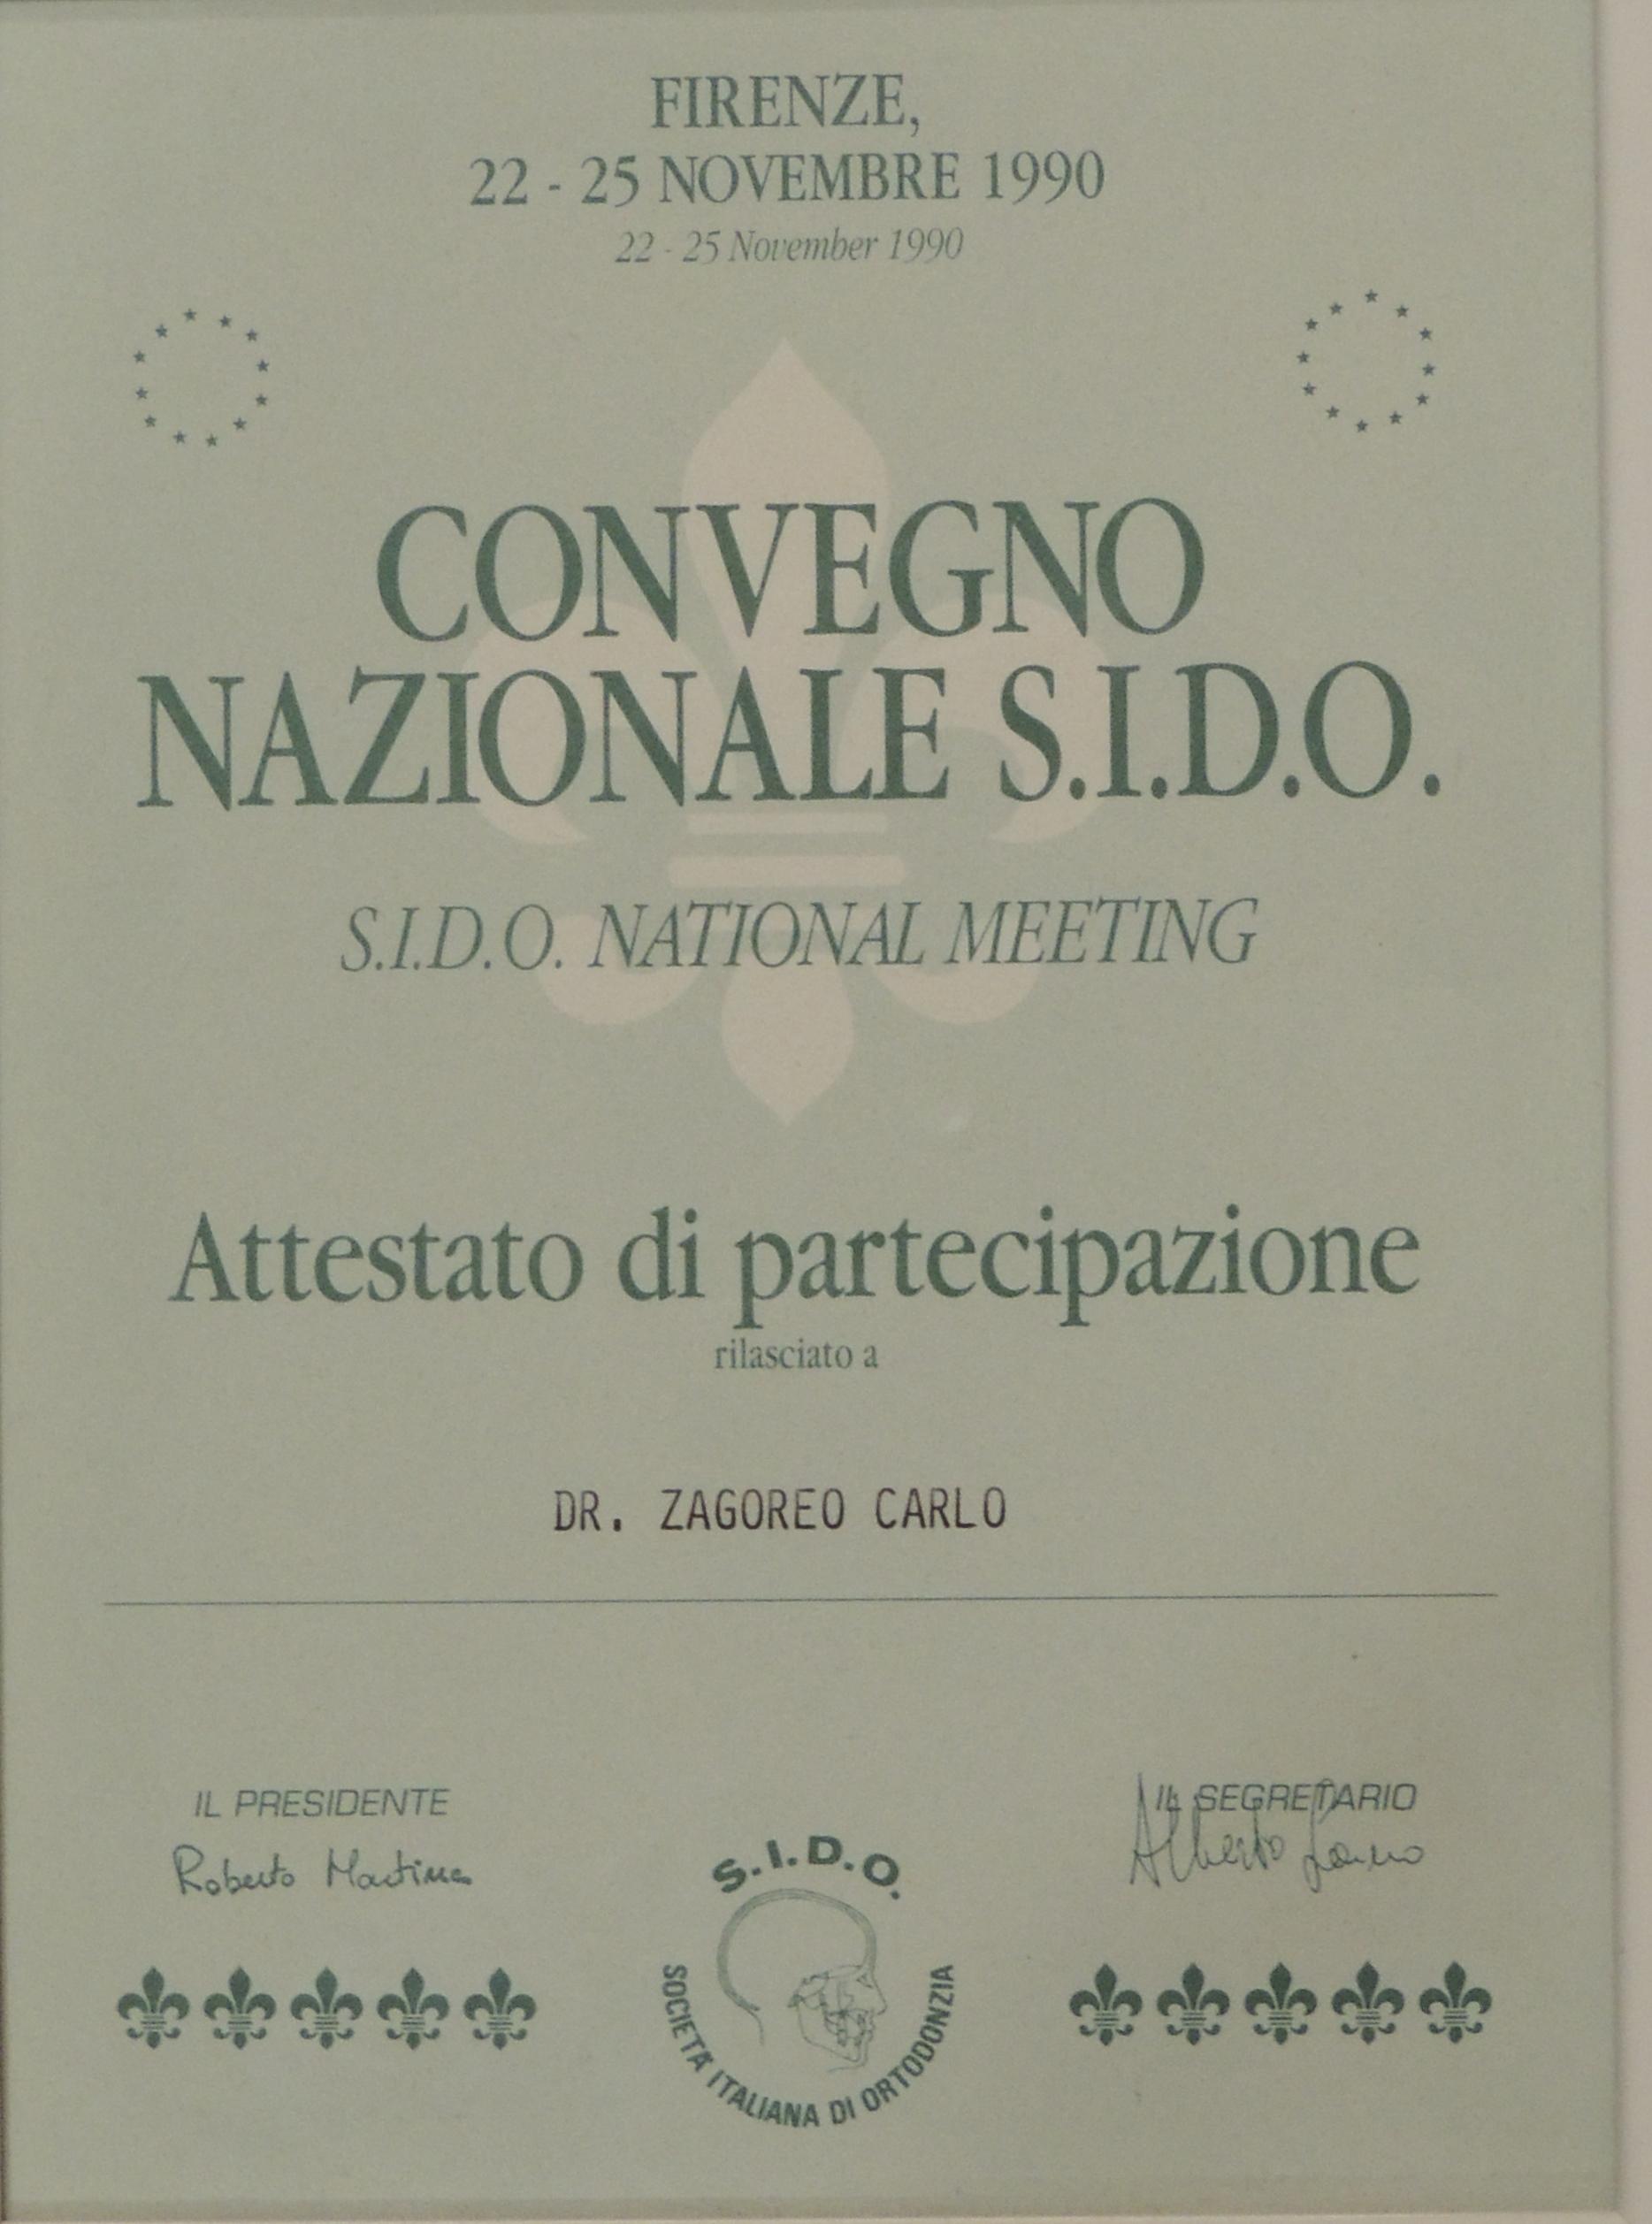 Convegno nazionale S.I.D.O. 1990